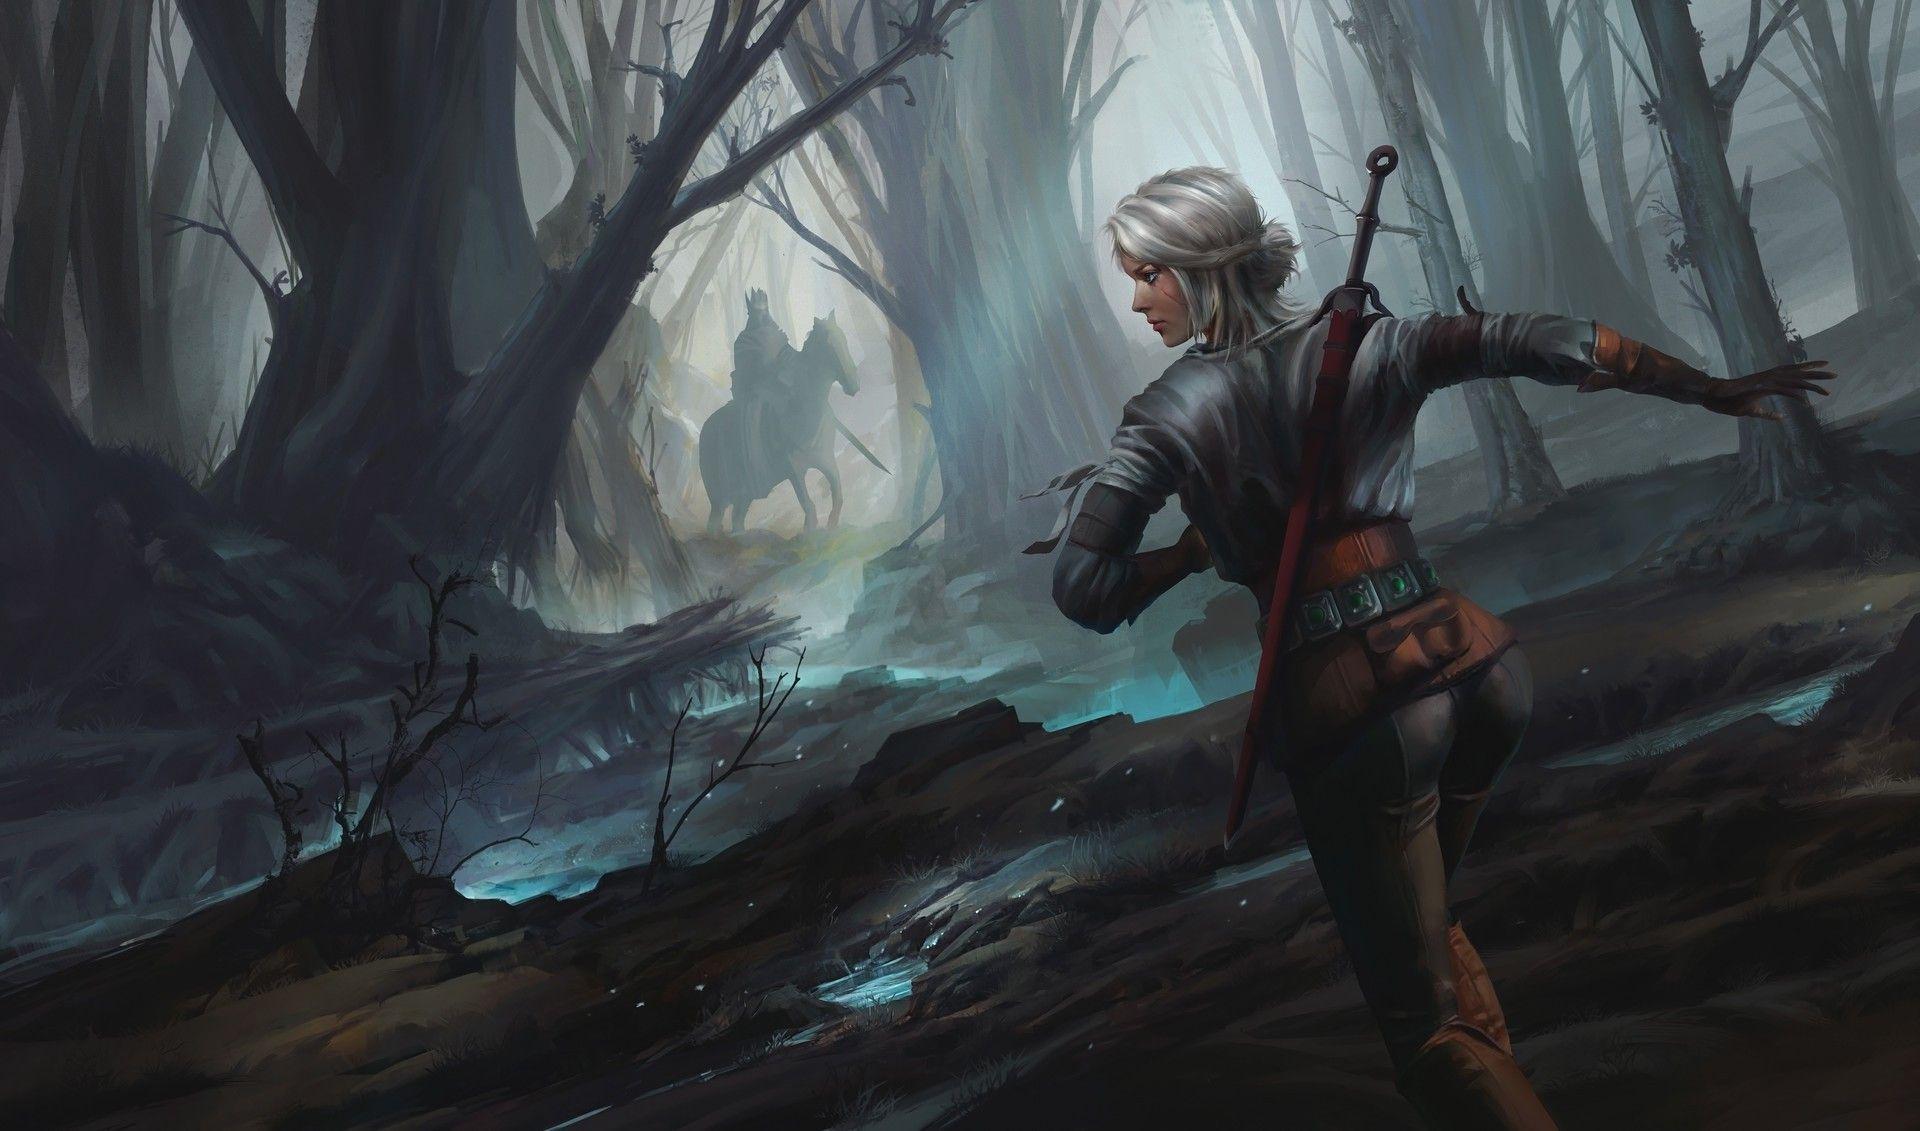 Witcher Ciri art, Cool HD Wallpaper